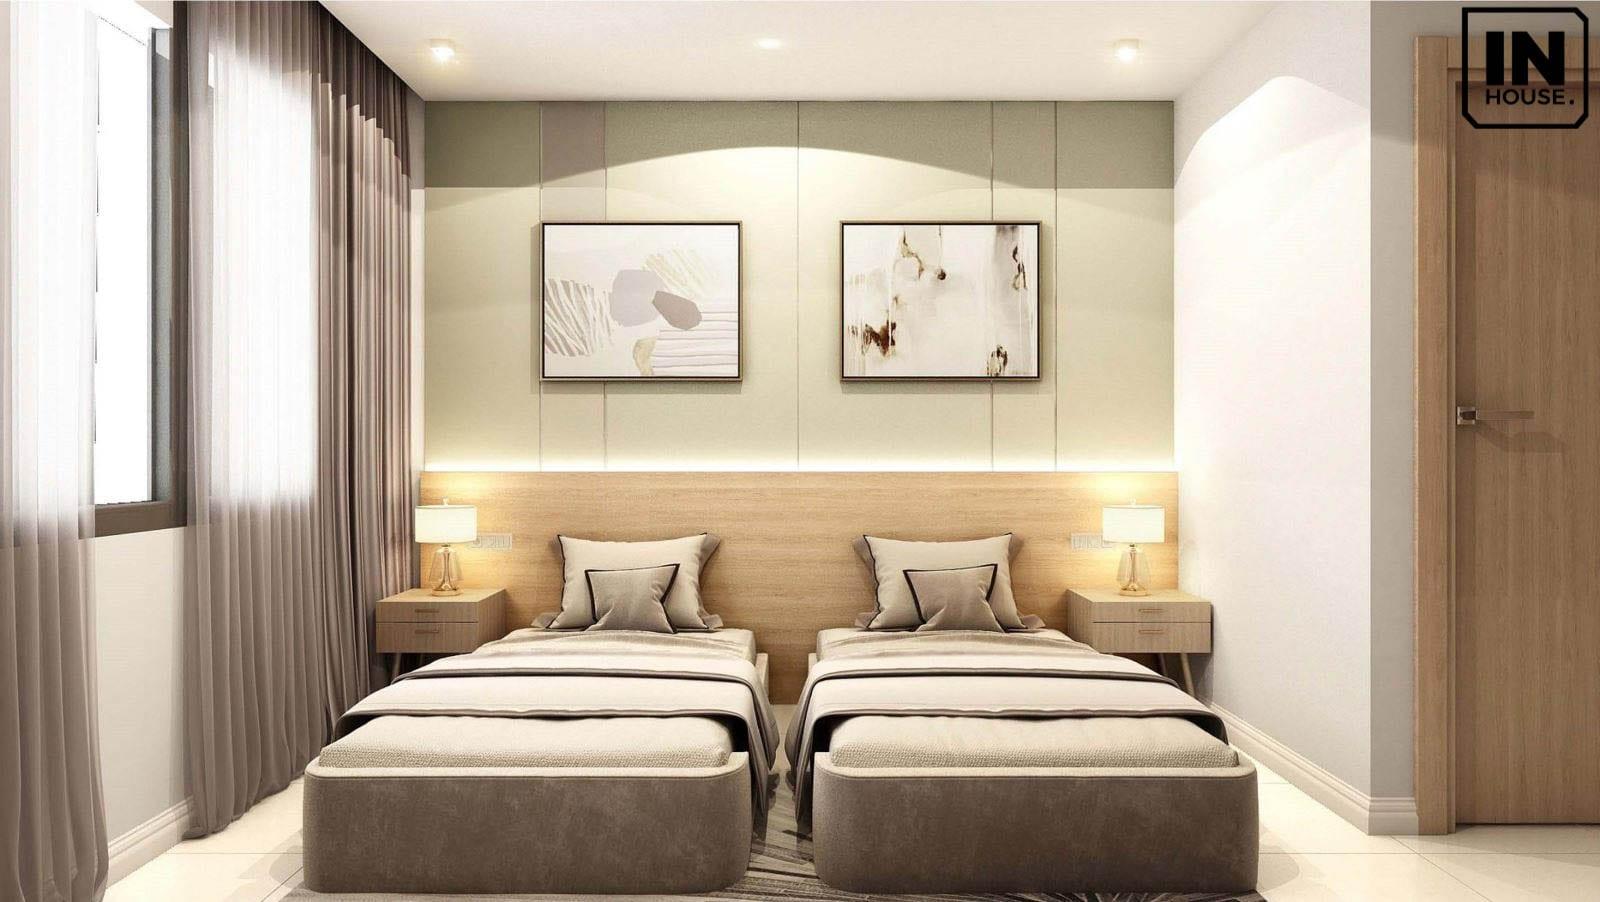 Thiết kế nội thất cho khách sạn mini